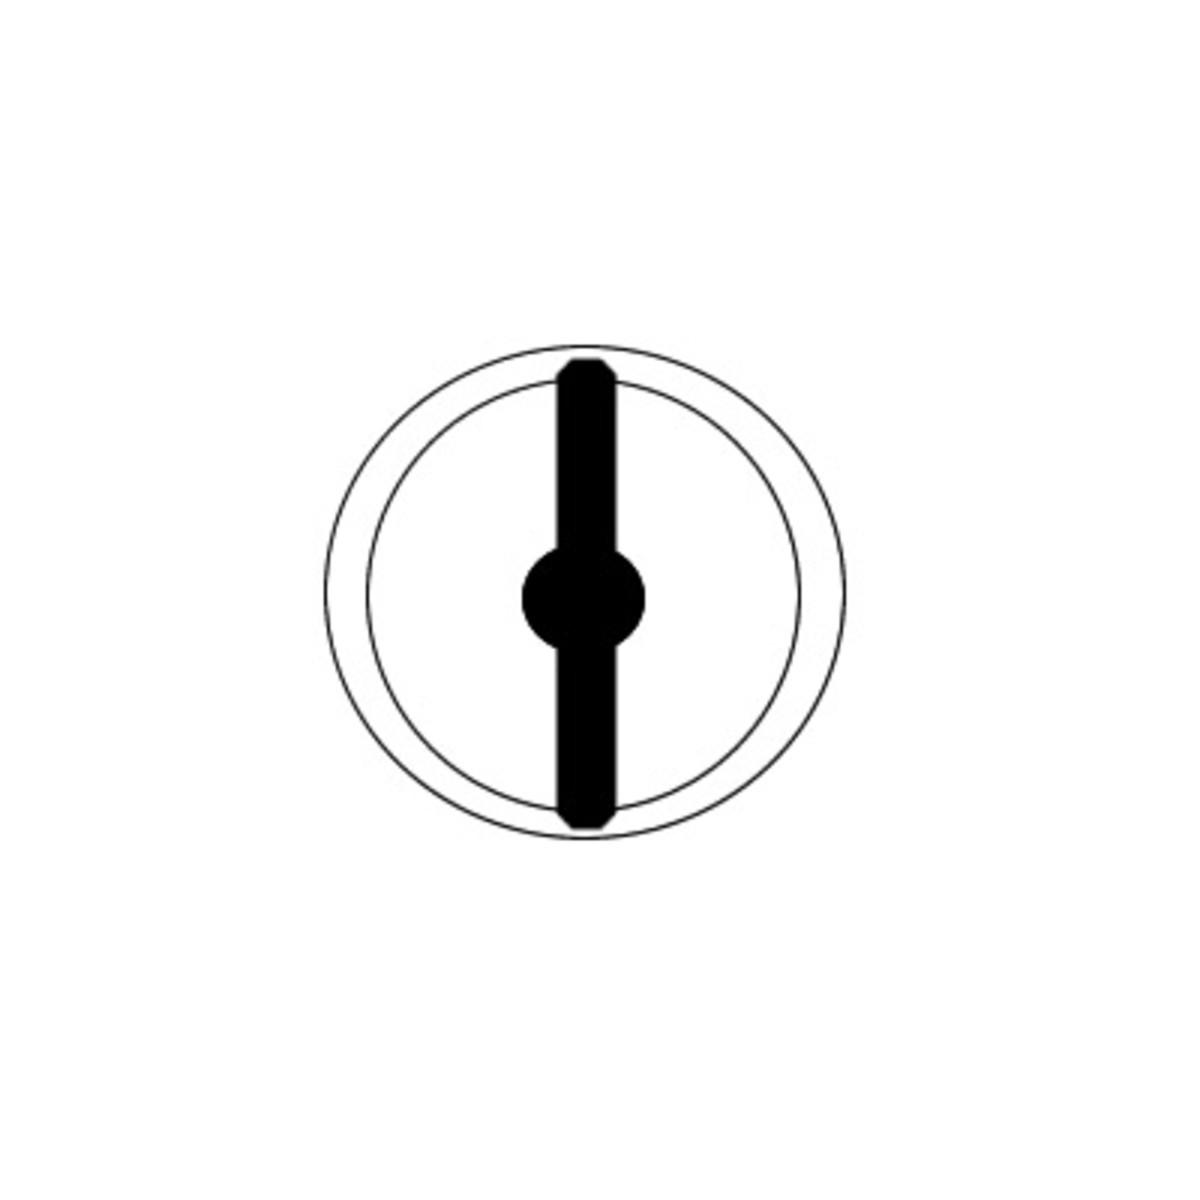 Detail - USPS Lock